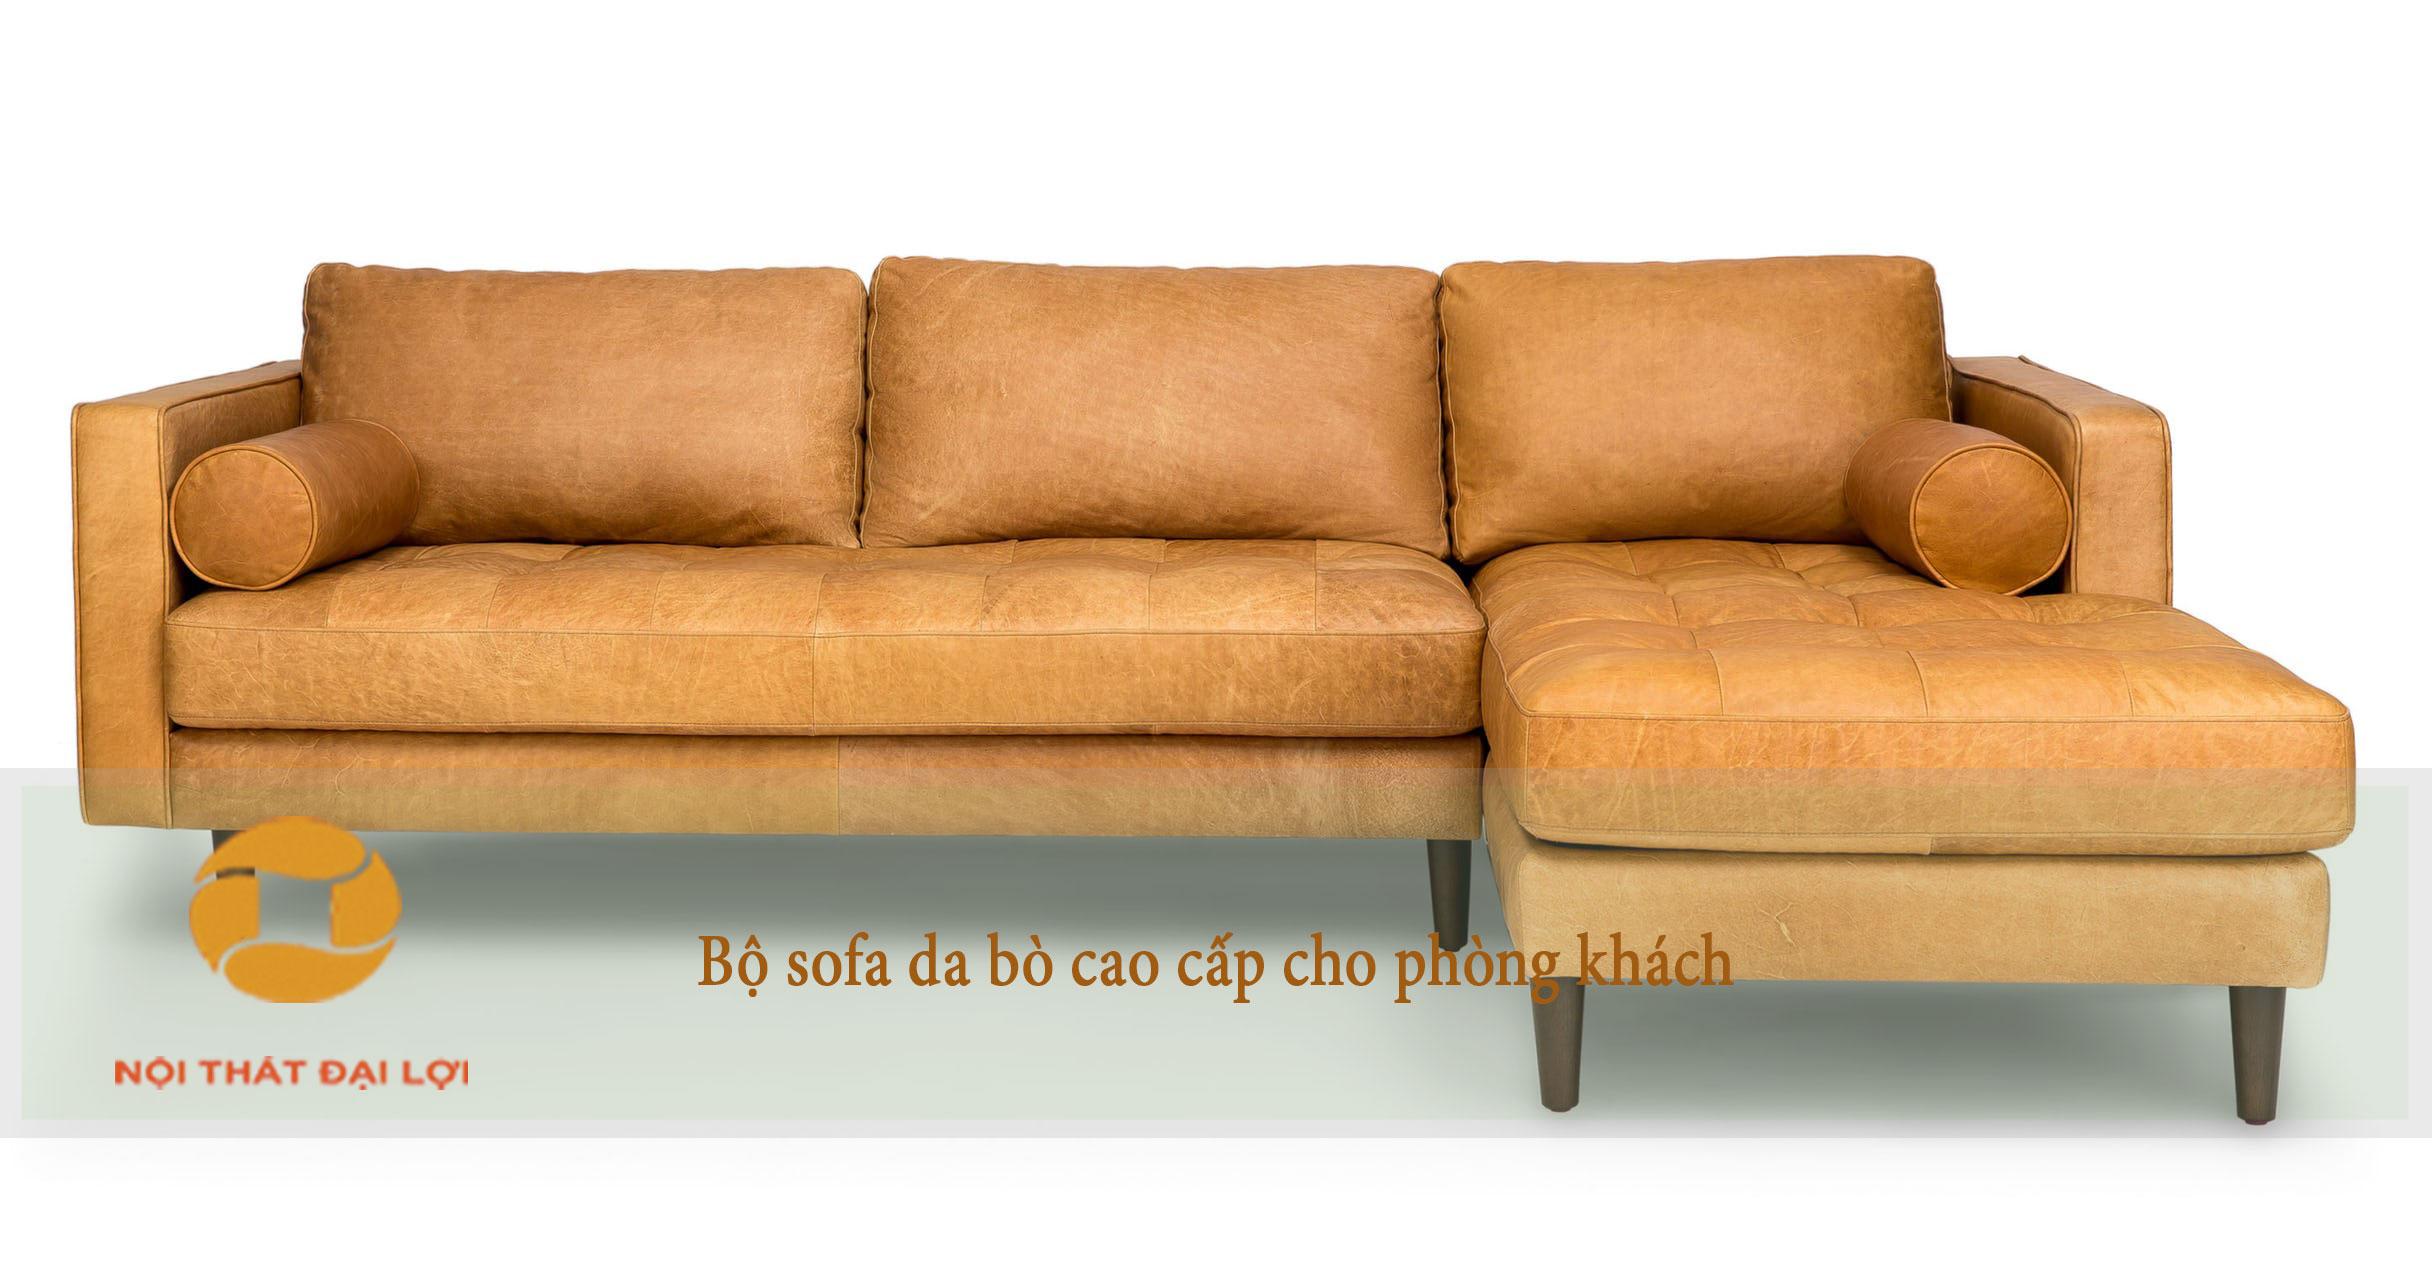 Mẫu 5 - Sofa da bò phòng khách